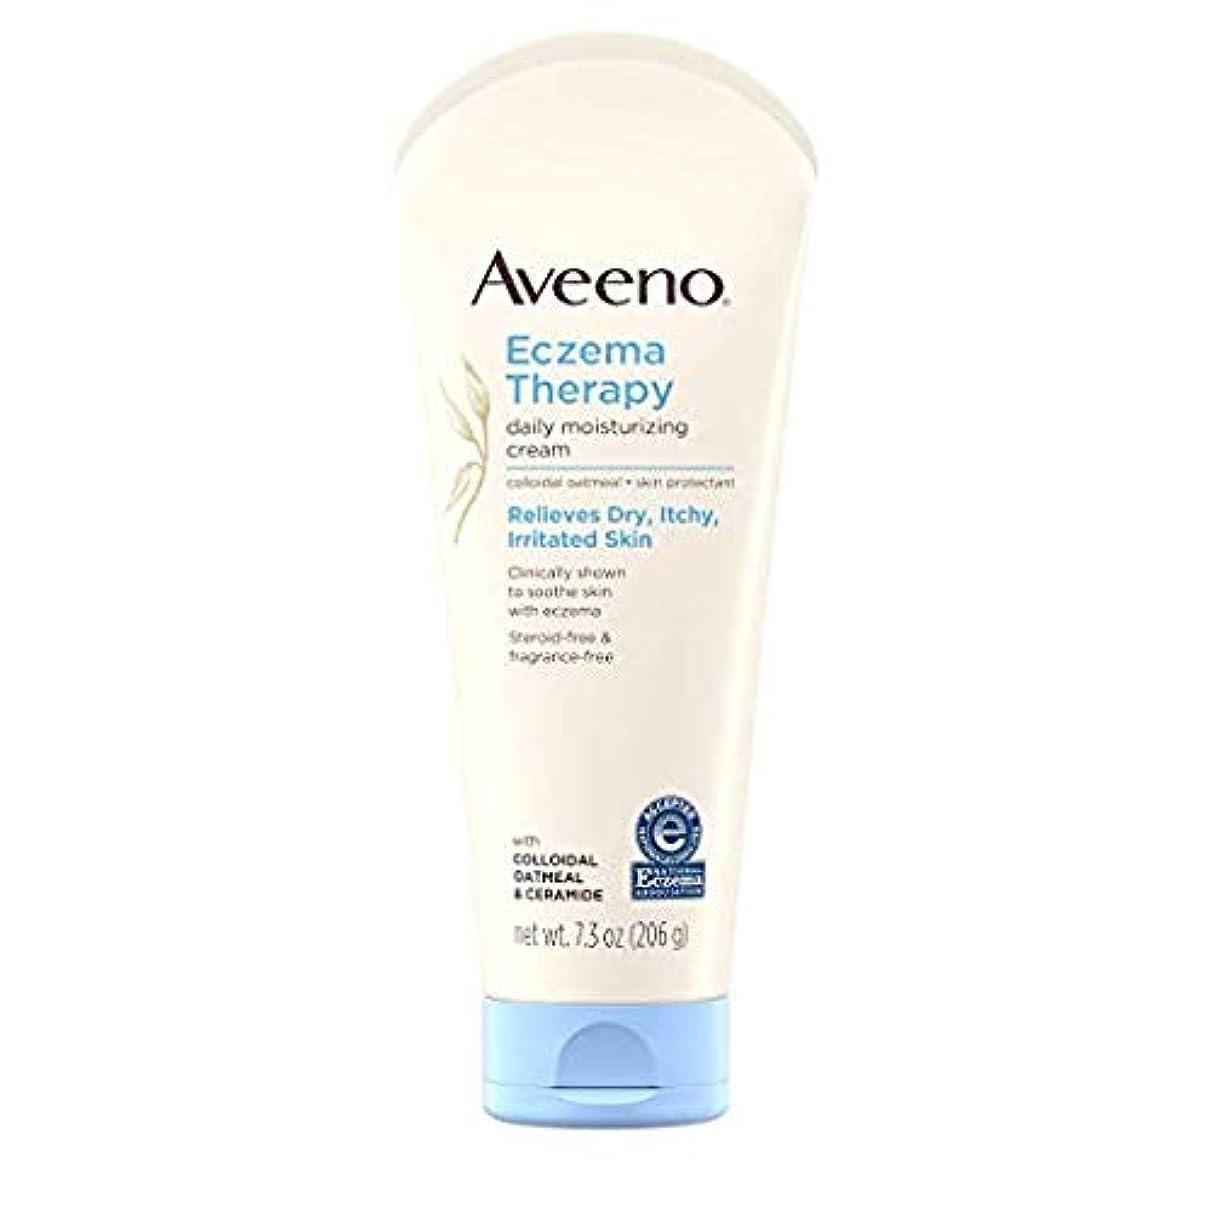 無法者定義パレードAveeno - Eczema Therapy Moisturizing Cream - 7.3 oz (206 g) アビーノ 保湿クリーム [並行輸入品]